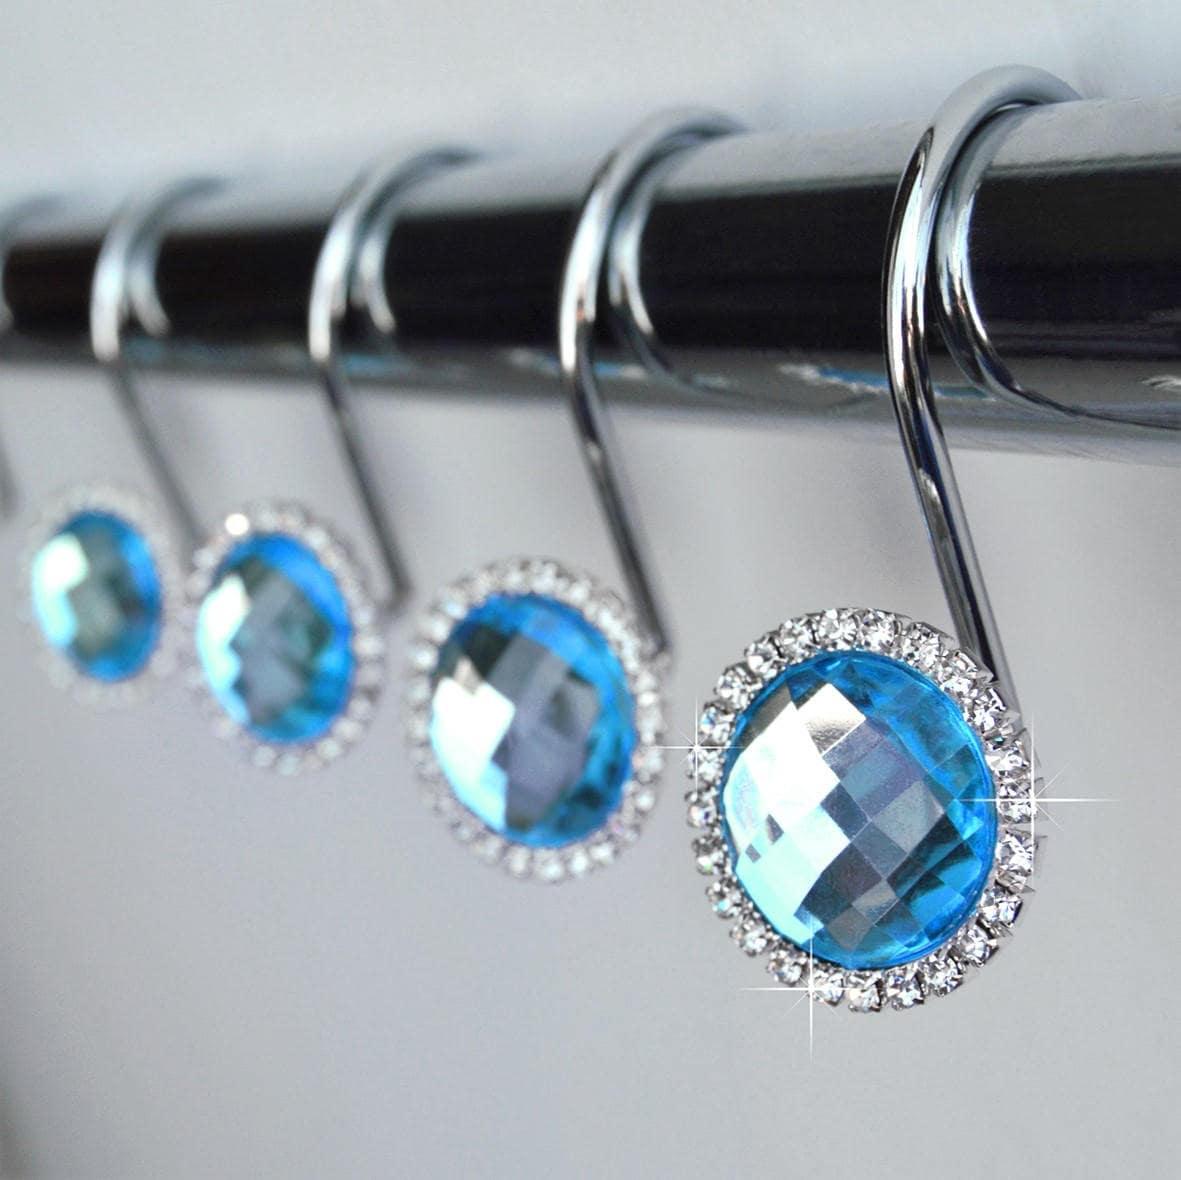 Rhinestone shower curtain hooks - Shower Curtain Hooks Rings Turquoise Blue Crystal Diamond Rhinestone Bathroom Set Romantic Decor